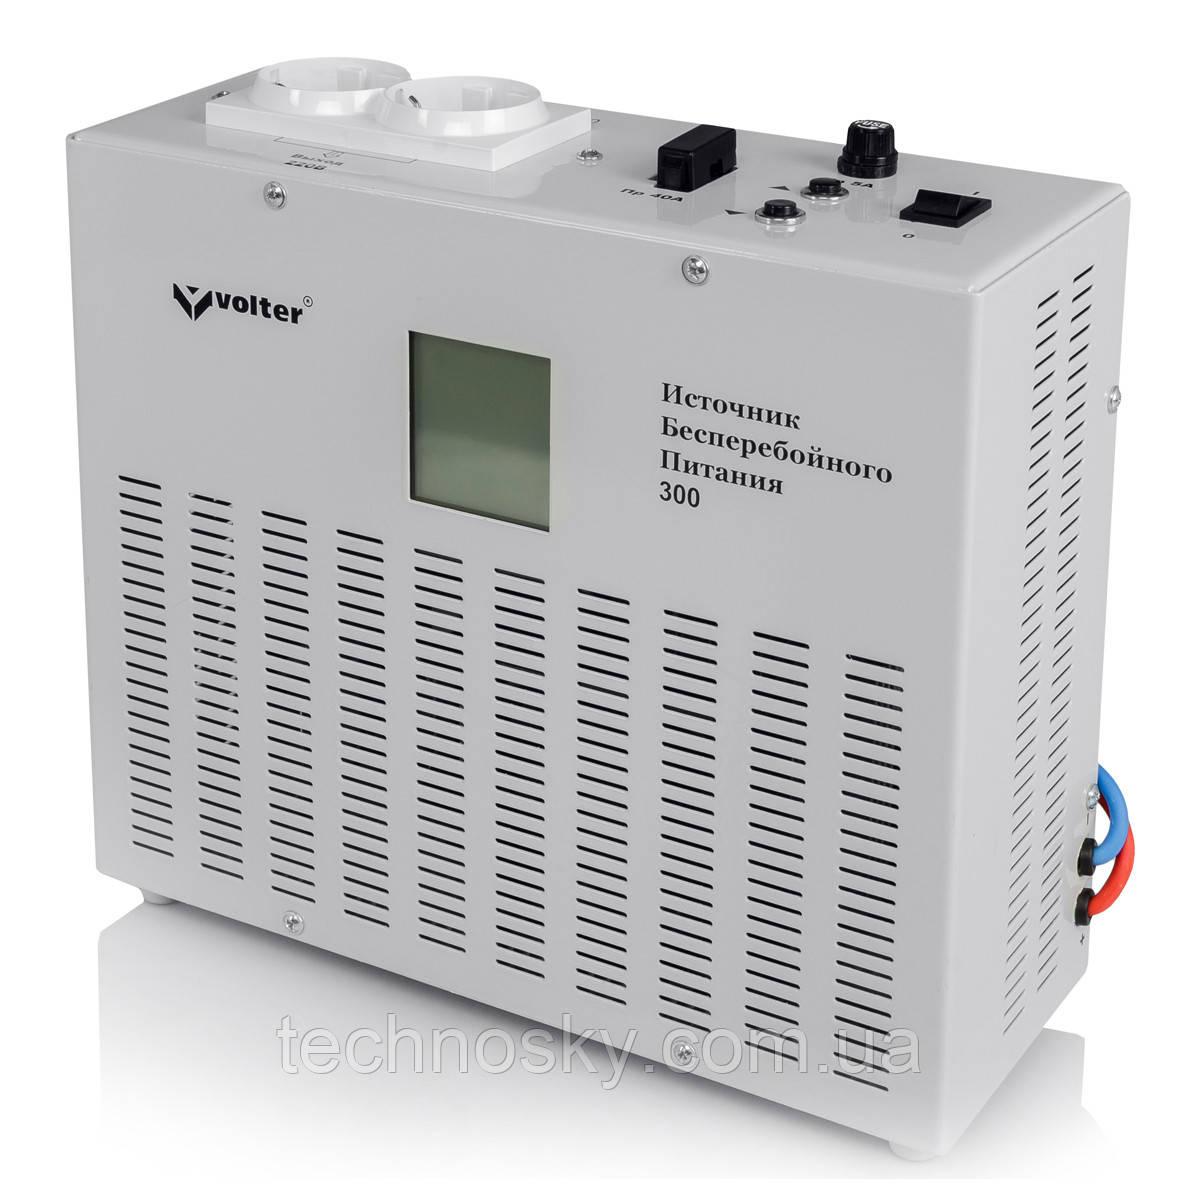 Источник бесперебойного питания тм Volter ИБП-300 (300Вт, 12В)